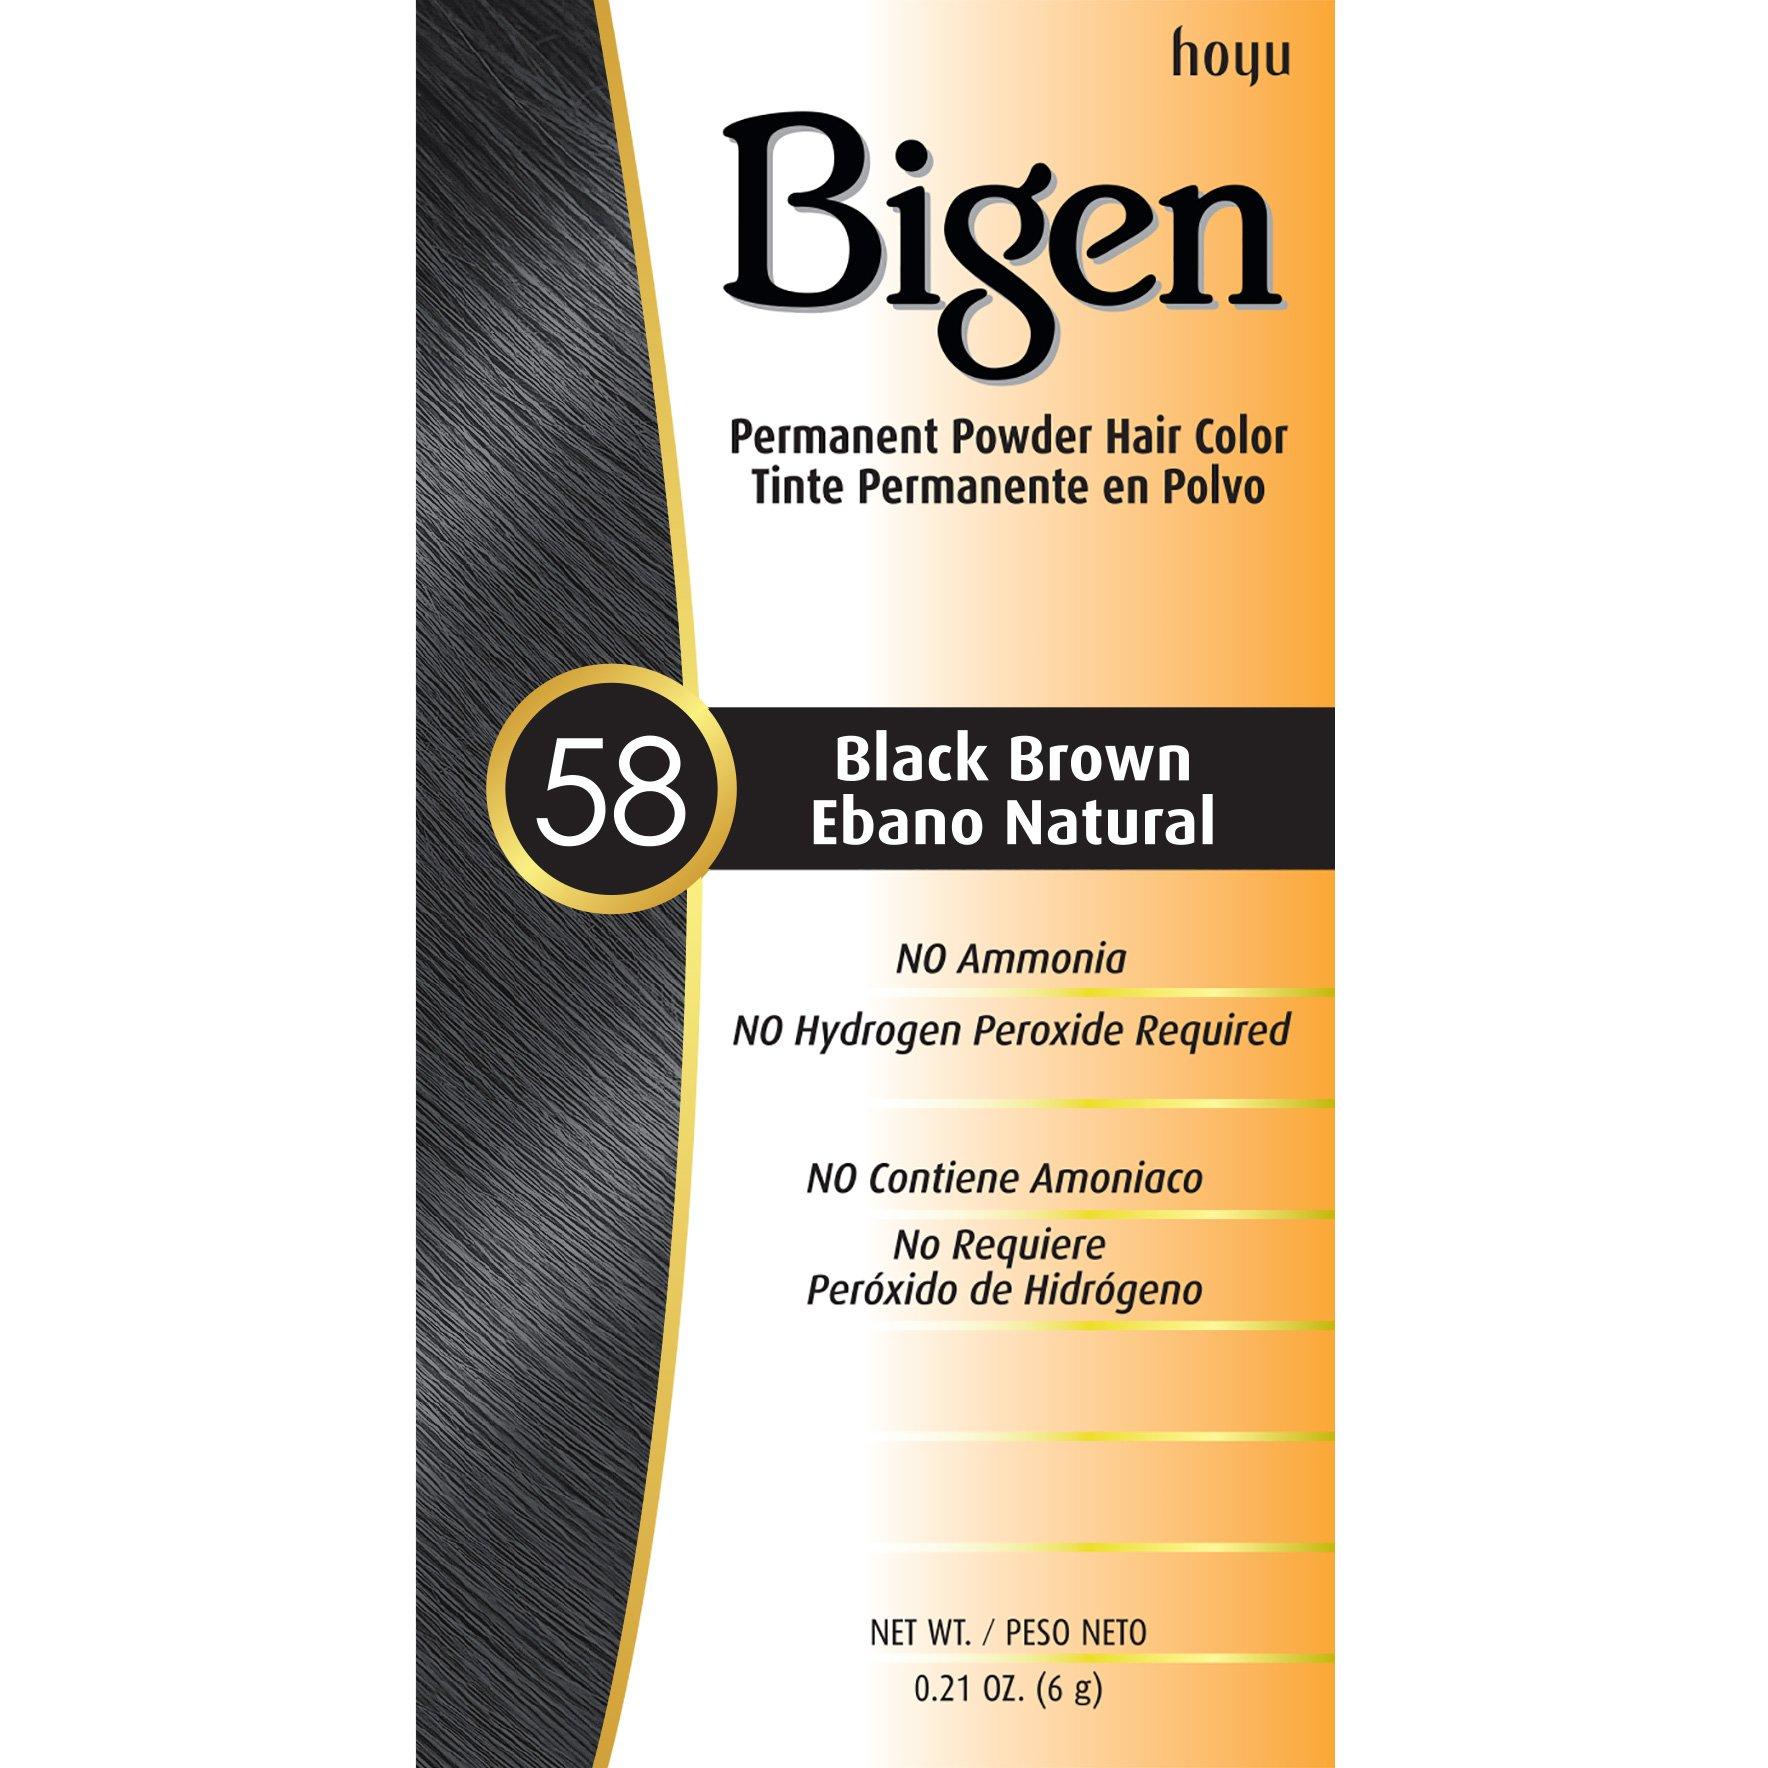 #58 Black Brown Bigen Permanent Powder - 12 Pack by Bigen